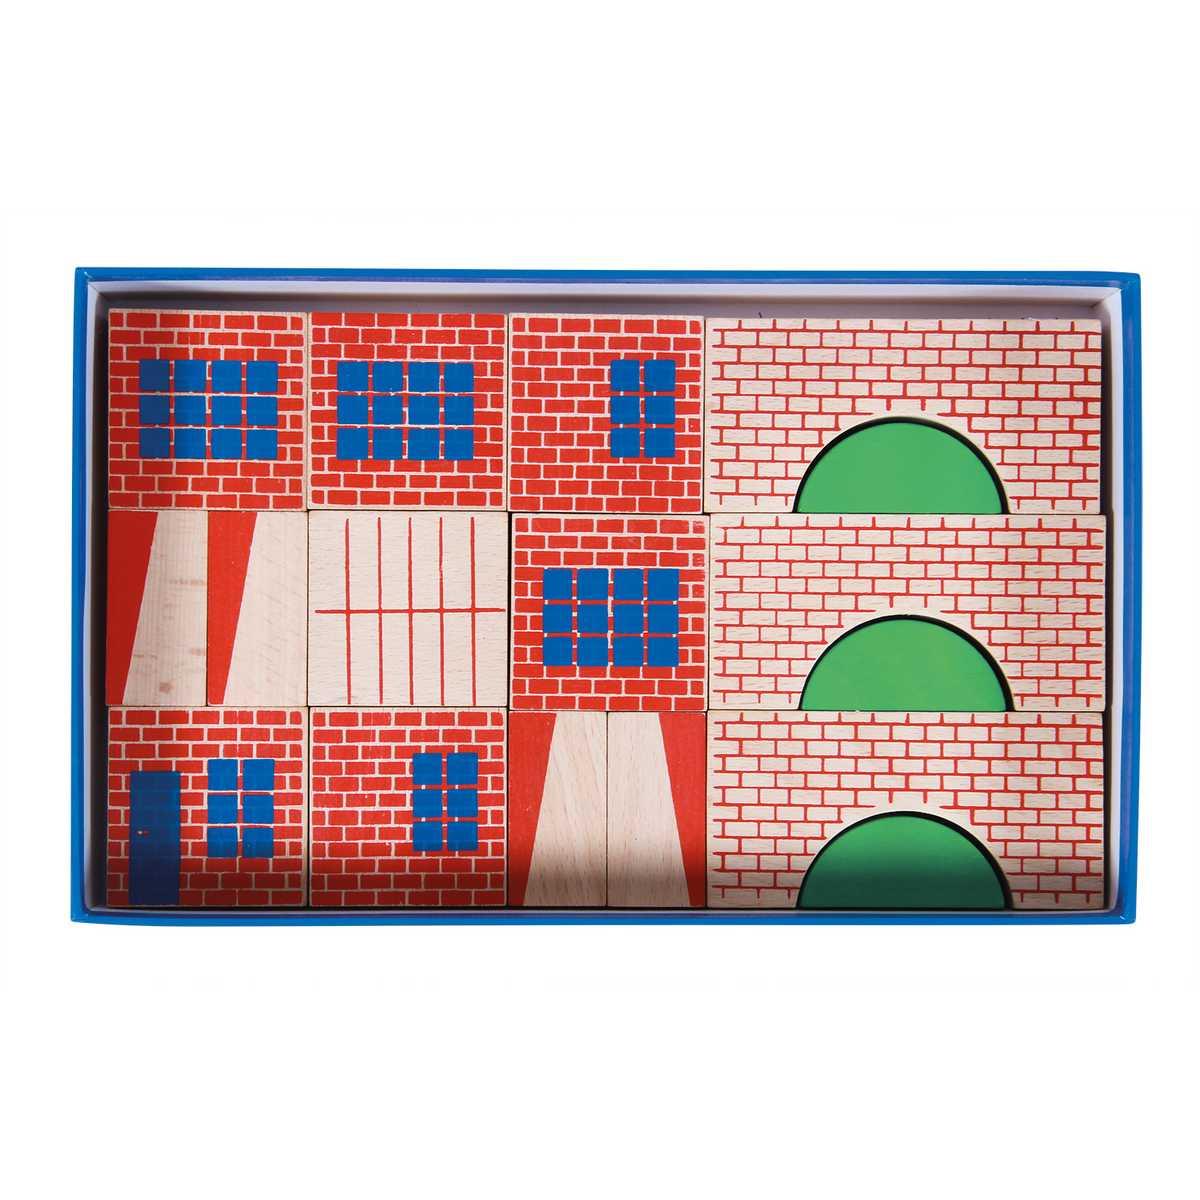 jeu de construction 40 pi ces dans la ville 720404 m moire d 39 enfant moulin roty la maison. Black Bedroom Furniture Sets. Home Design Ideas